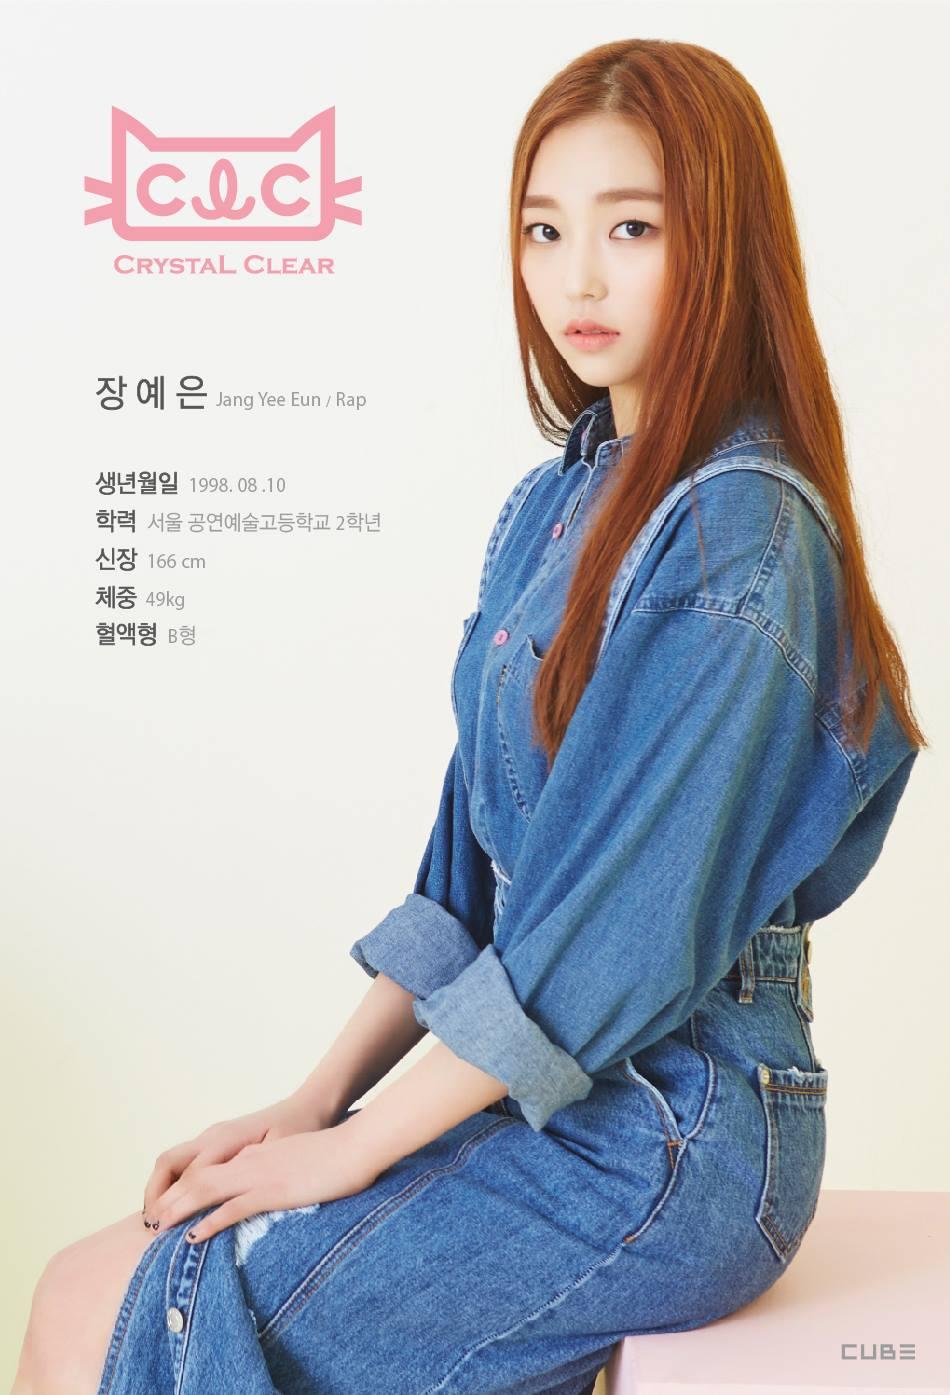 Cube Entertainment Clc Cube Entertainment Reveals